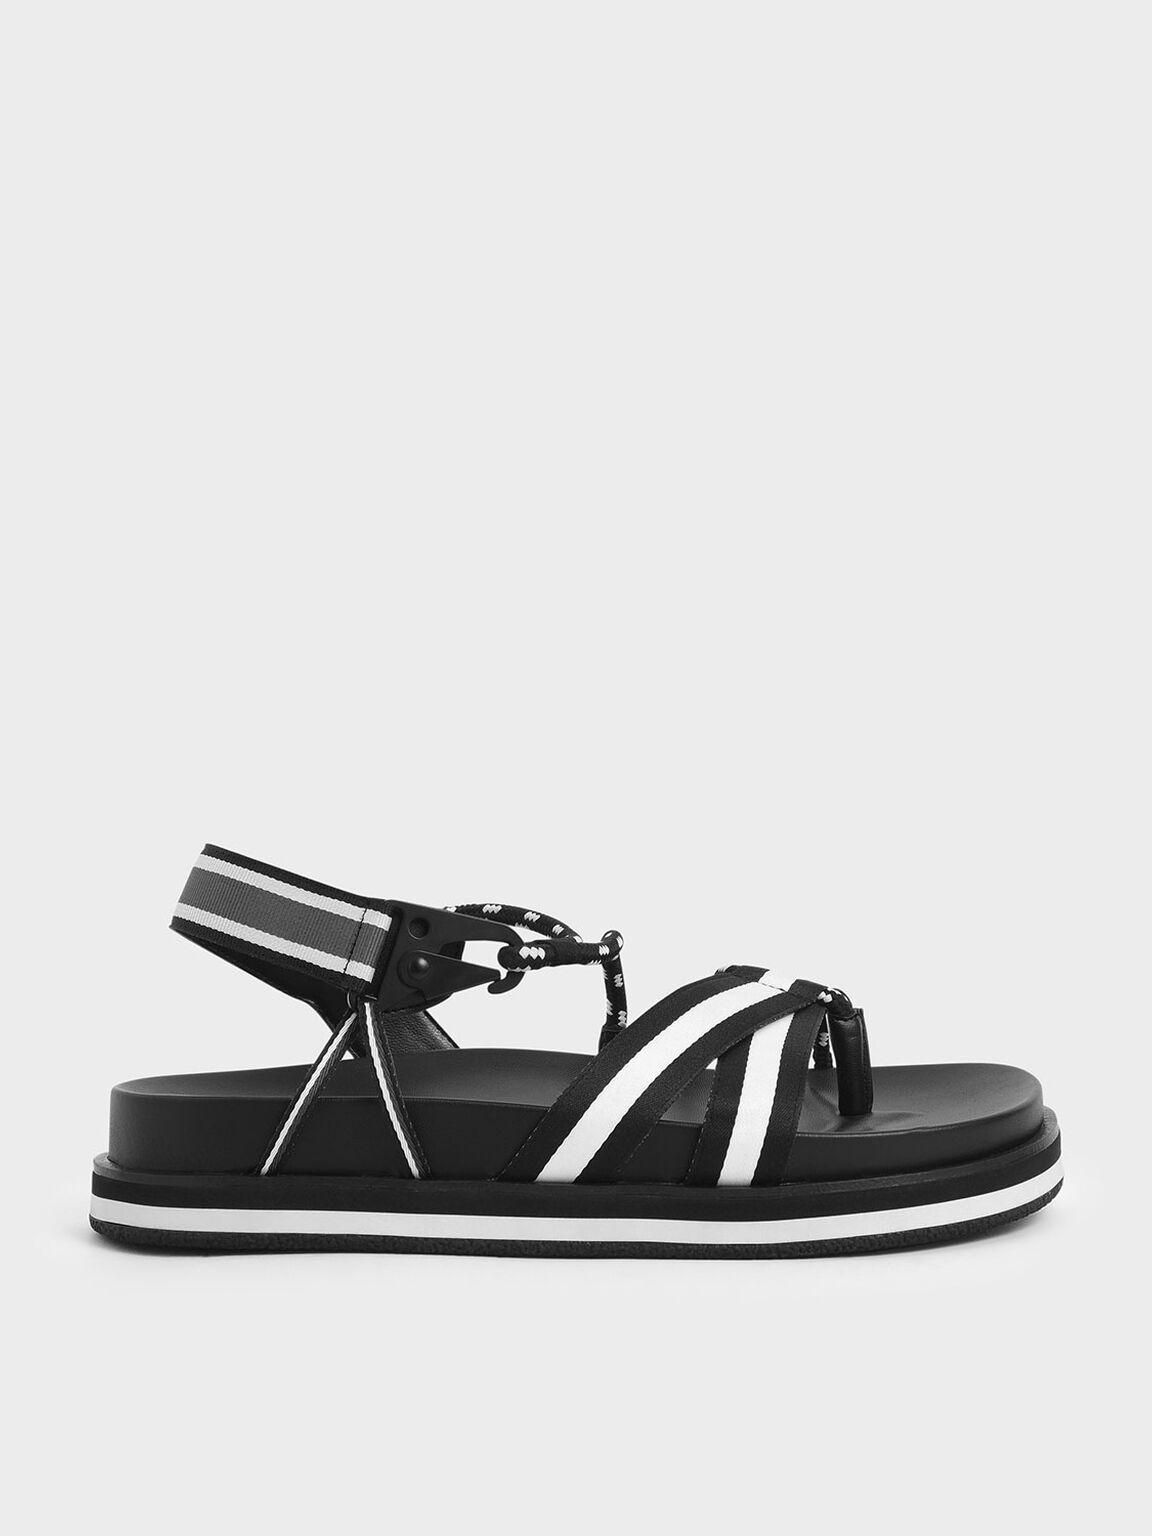 羅緞繩索涼鞋, 黑色, hi-res